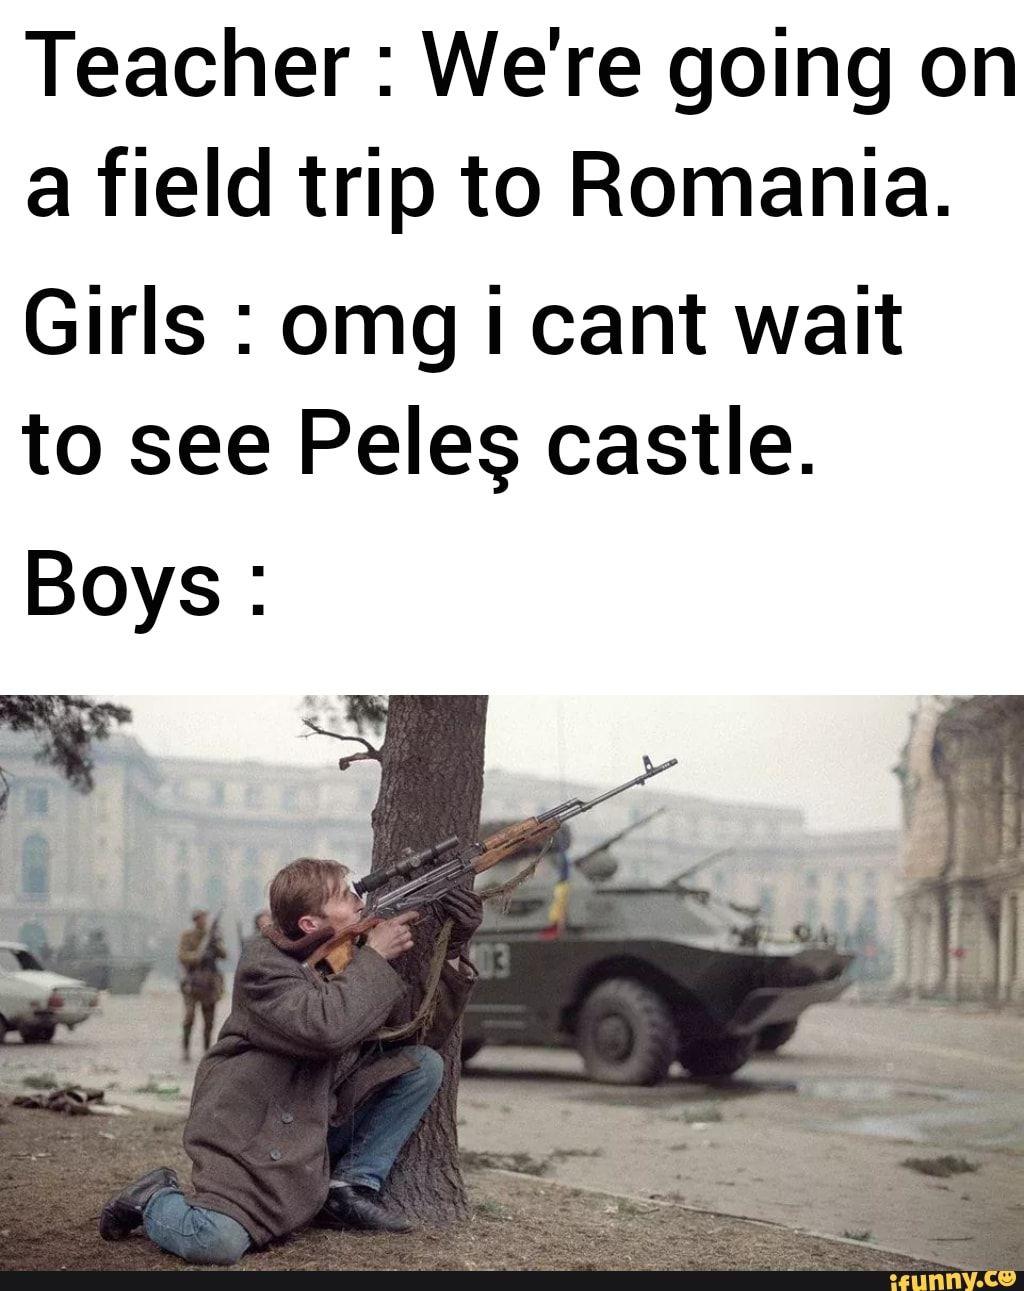 Field Trip Meme : field, Teacher, We're, Going, Field, Romania., Girls, Peleç, Castle., Boys:, IFunny, Funny, Memes, About, Girls,, Funny,, School